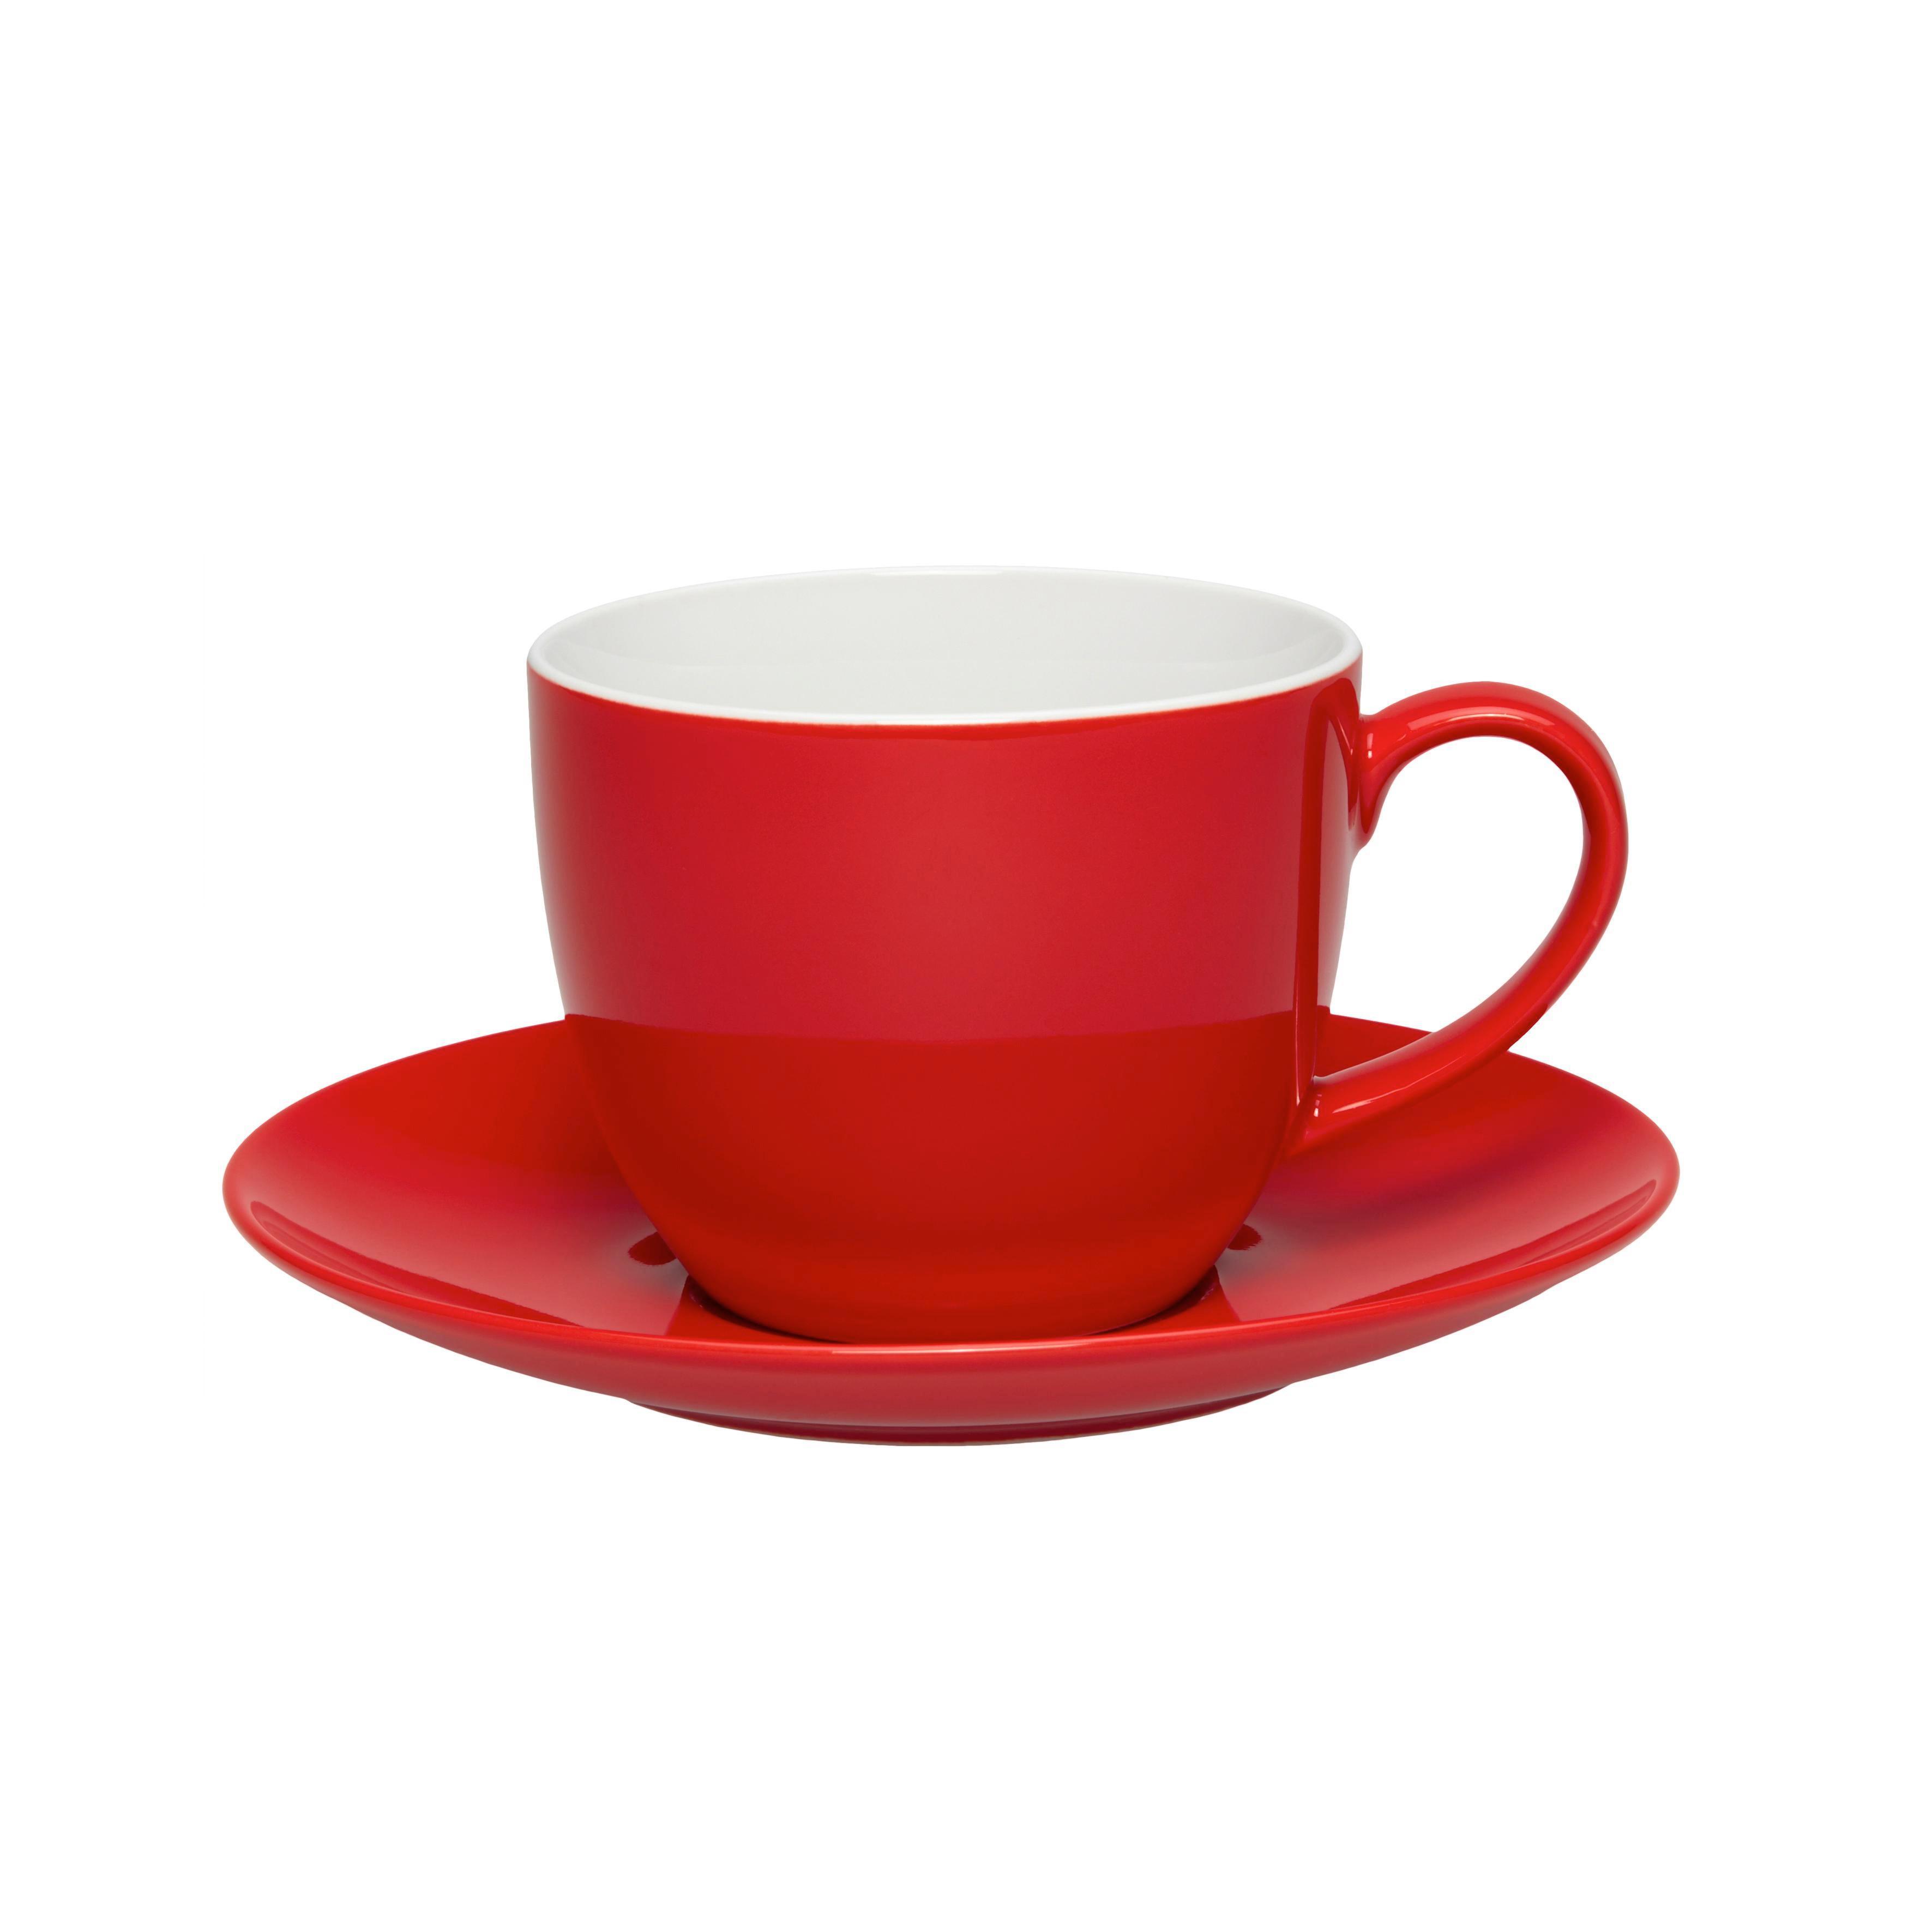 Skodelica Za Kavo S Krožničkom Sandy - rdeča, Konvencionalno, keramika (5/6,9cm) - MÖMAX modern living